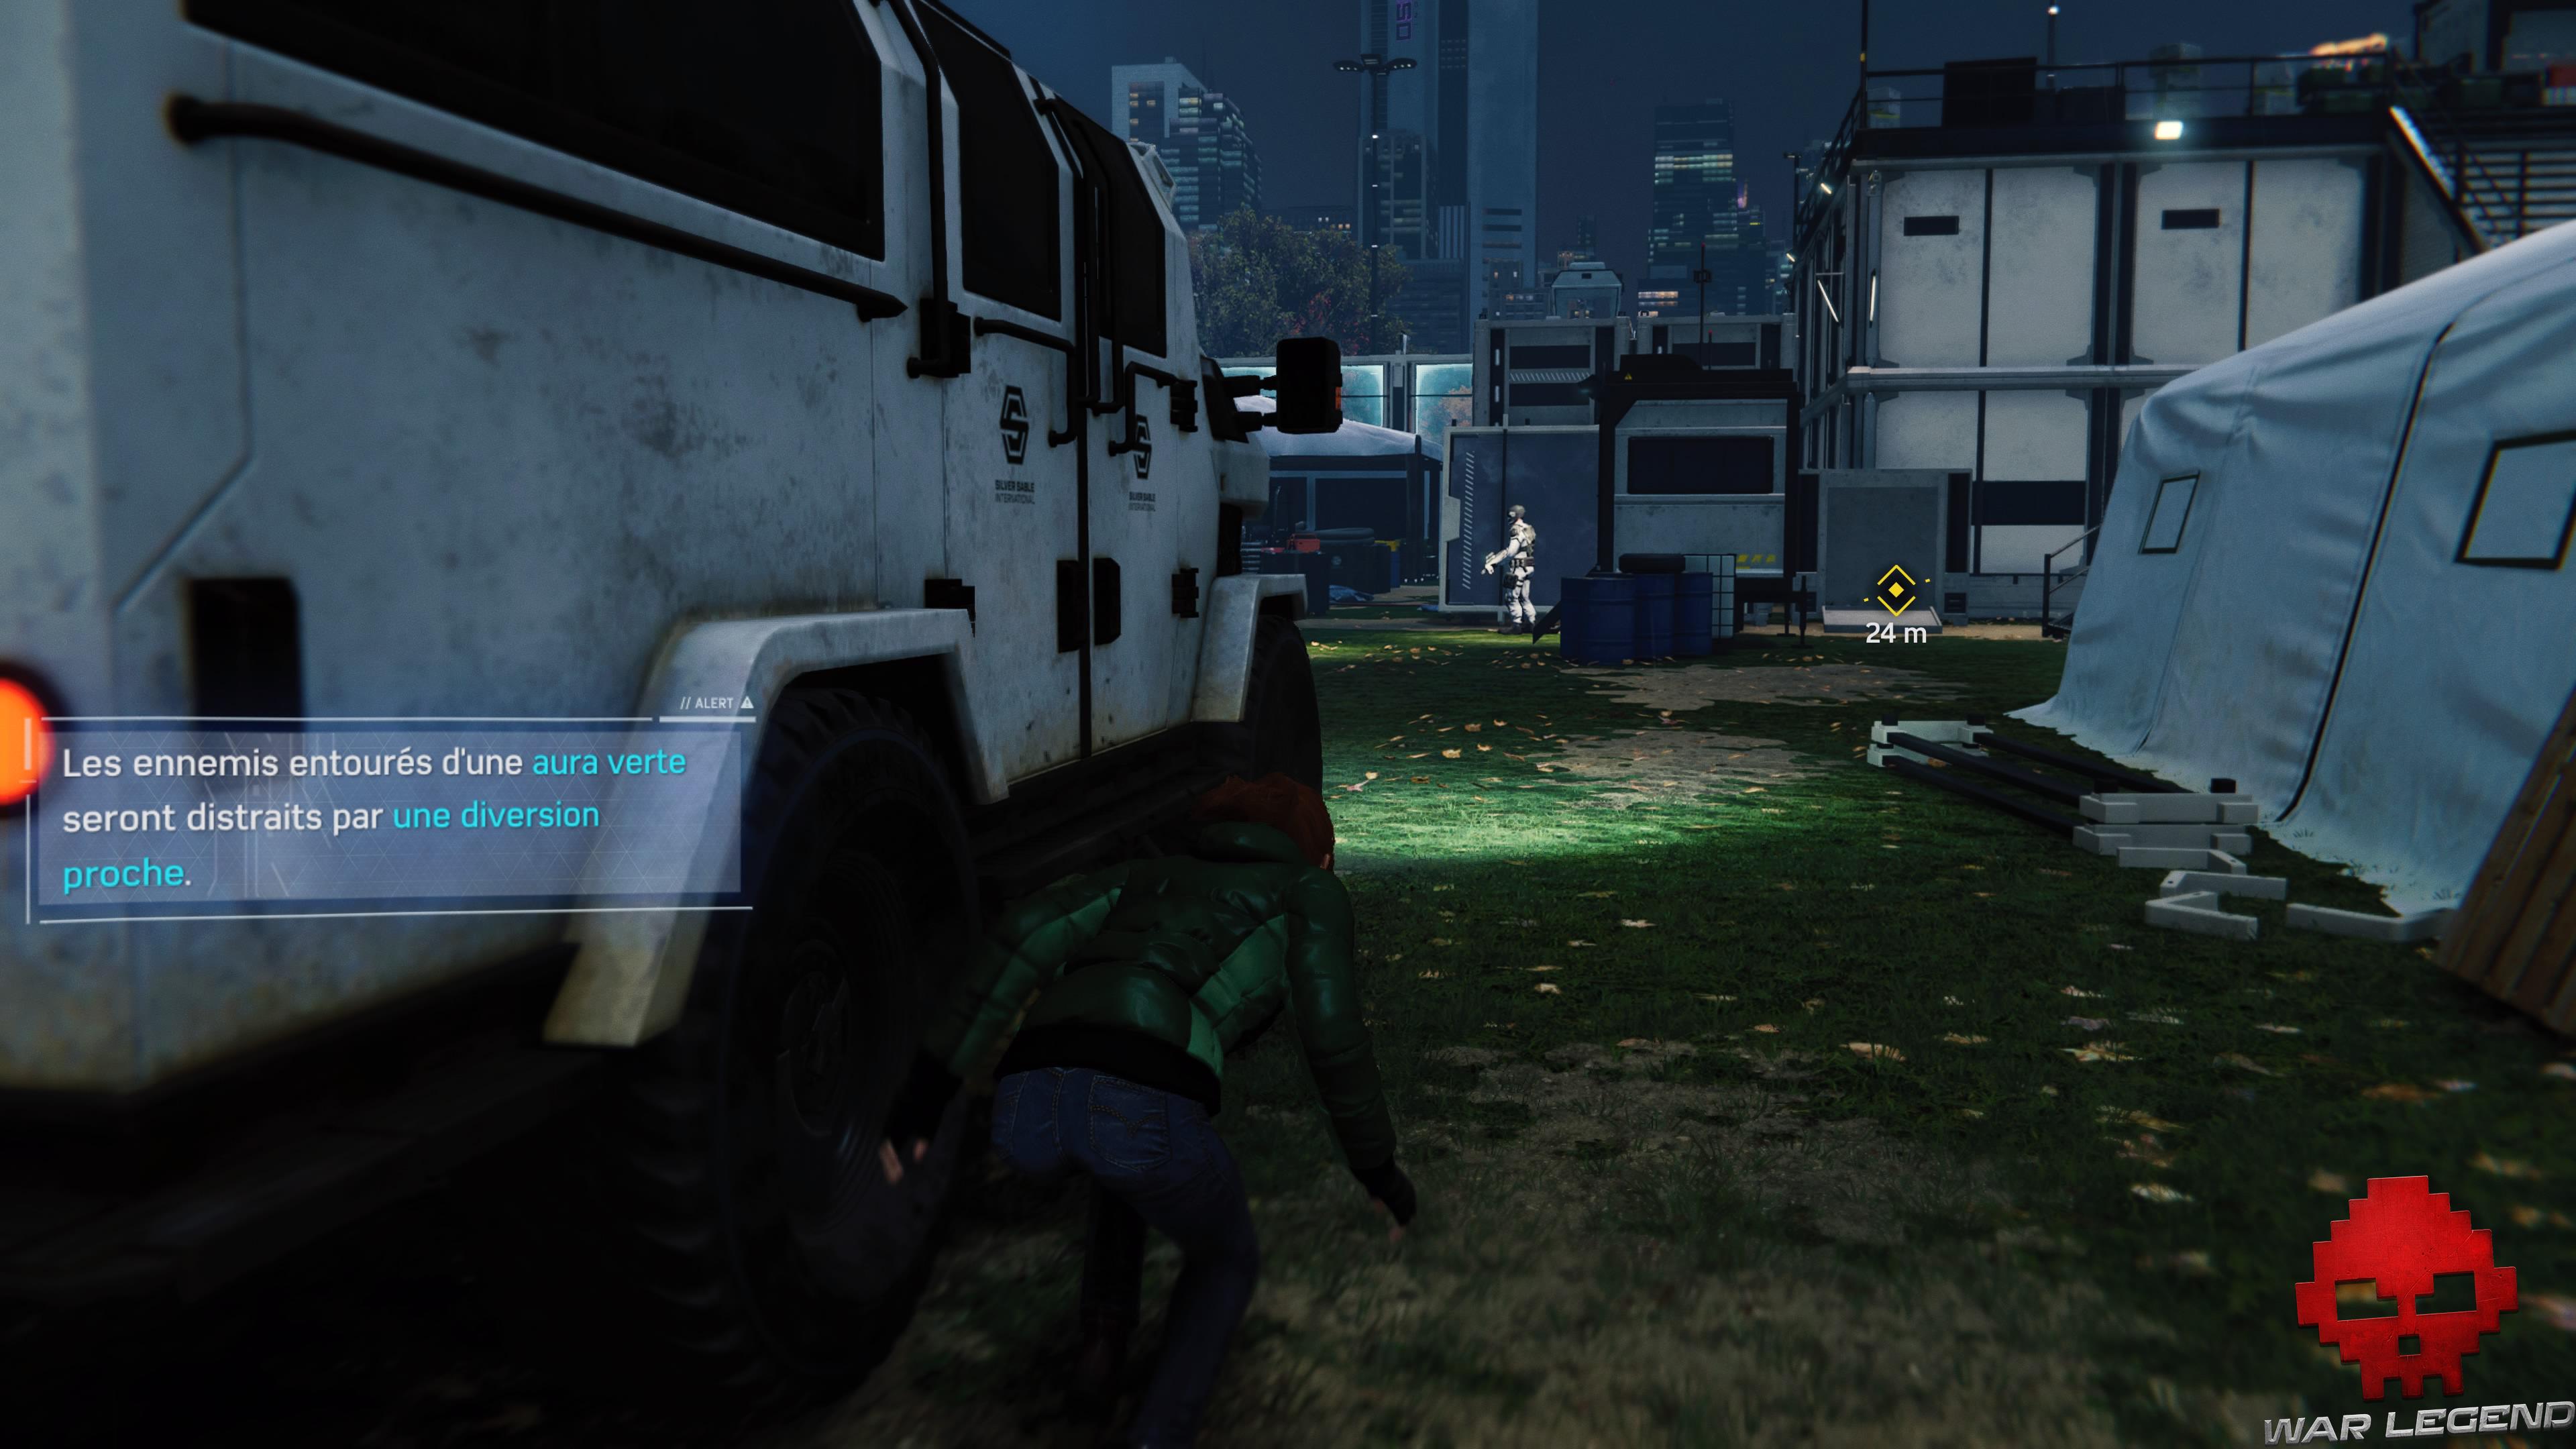 solution spider-man pas d'invitation MJ court le long d'une voiture